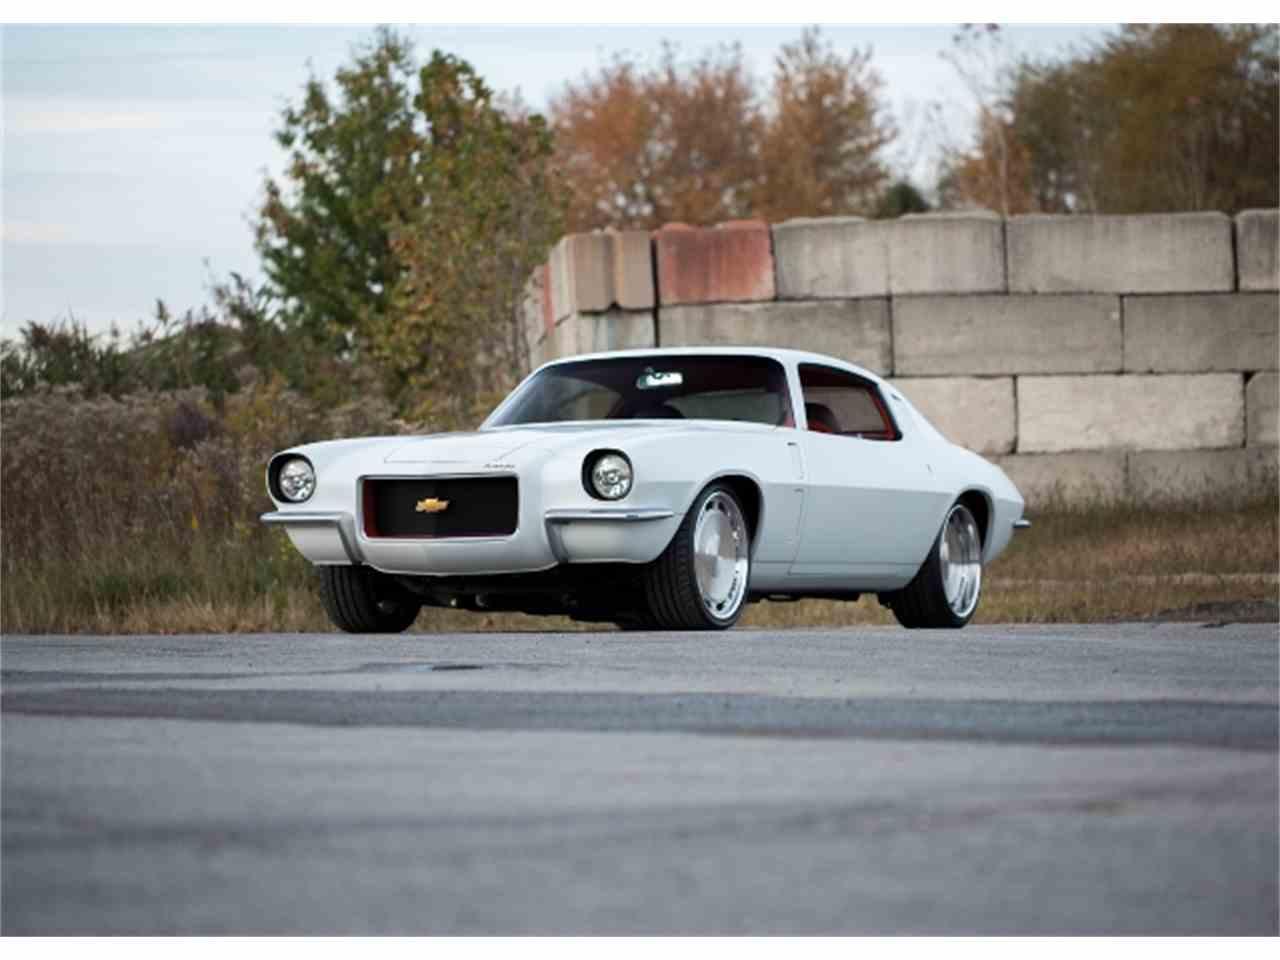 Large Picture of 1970 Camaro located in Elyria Ohio - $99,900.00 - GGNI